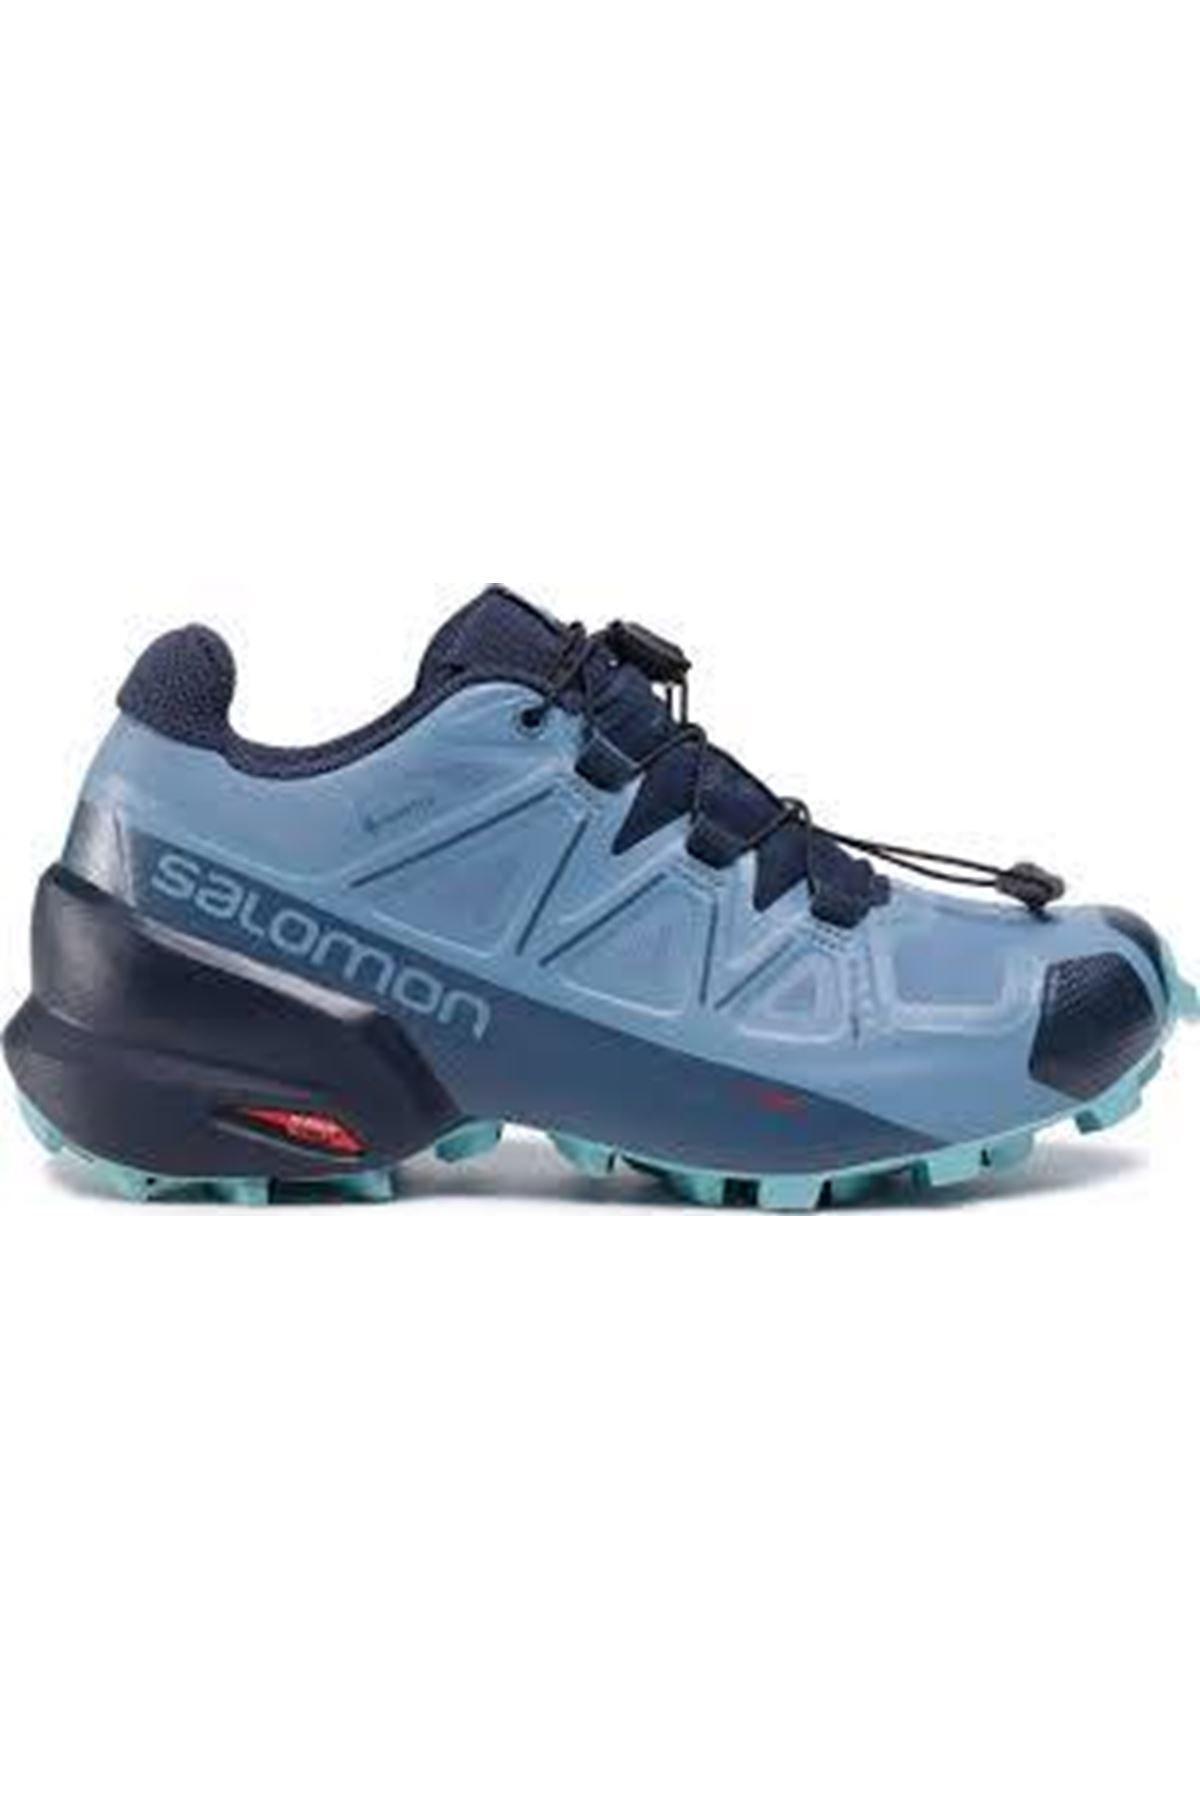 Salomon Speedcross 5 Gtx Kadın Outdoor Ayakkabı 411175 2